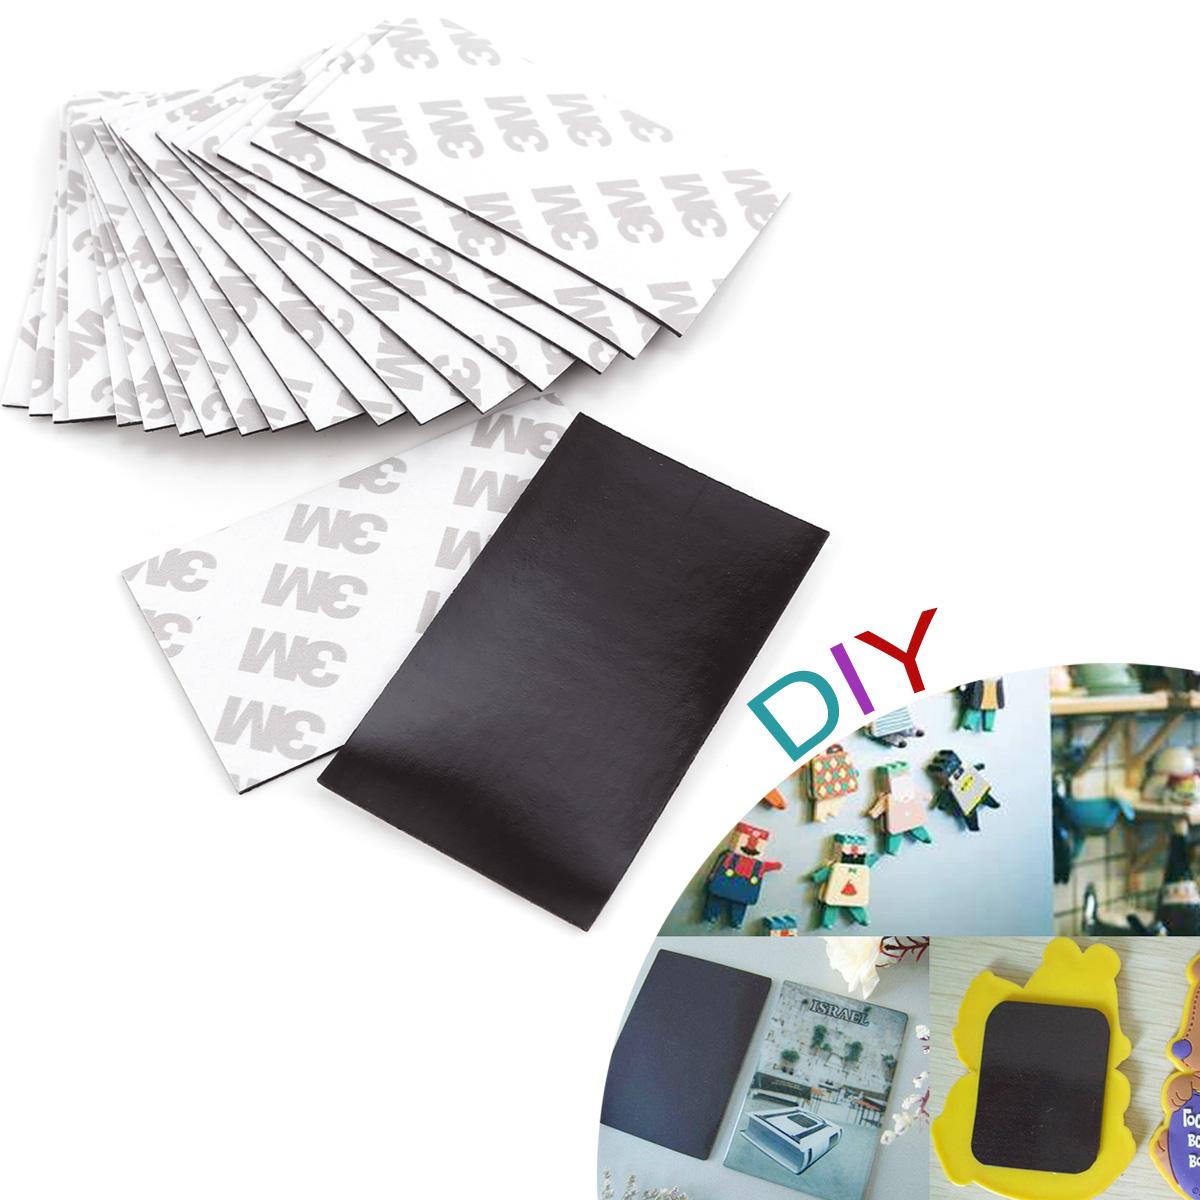 20x feuille magn tique en caoutchouc aimant flexible auto adh sif 89x51x0 85mm ebay. Black Bedroom Furniture Sets. Home Design Ideas